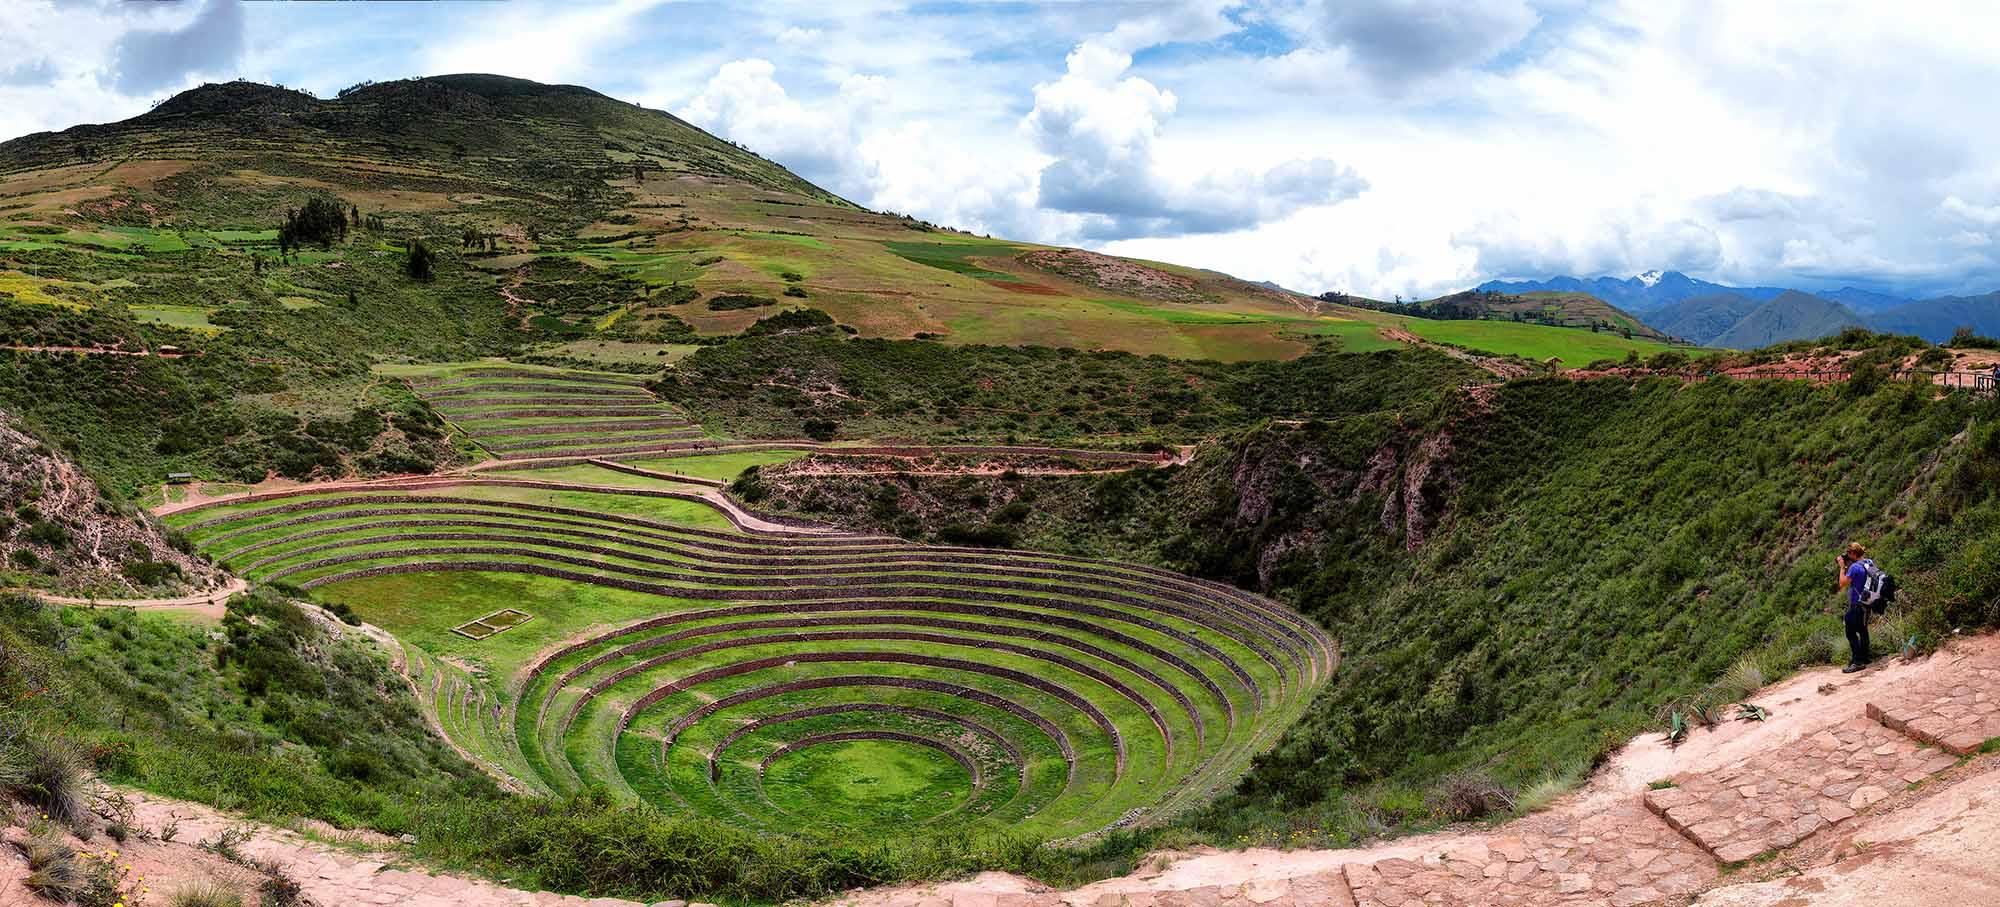 A la decouvert de Cusco lors d'un voyage au Pérou